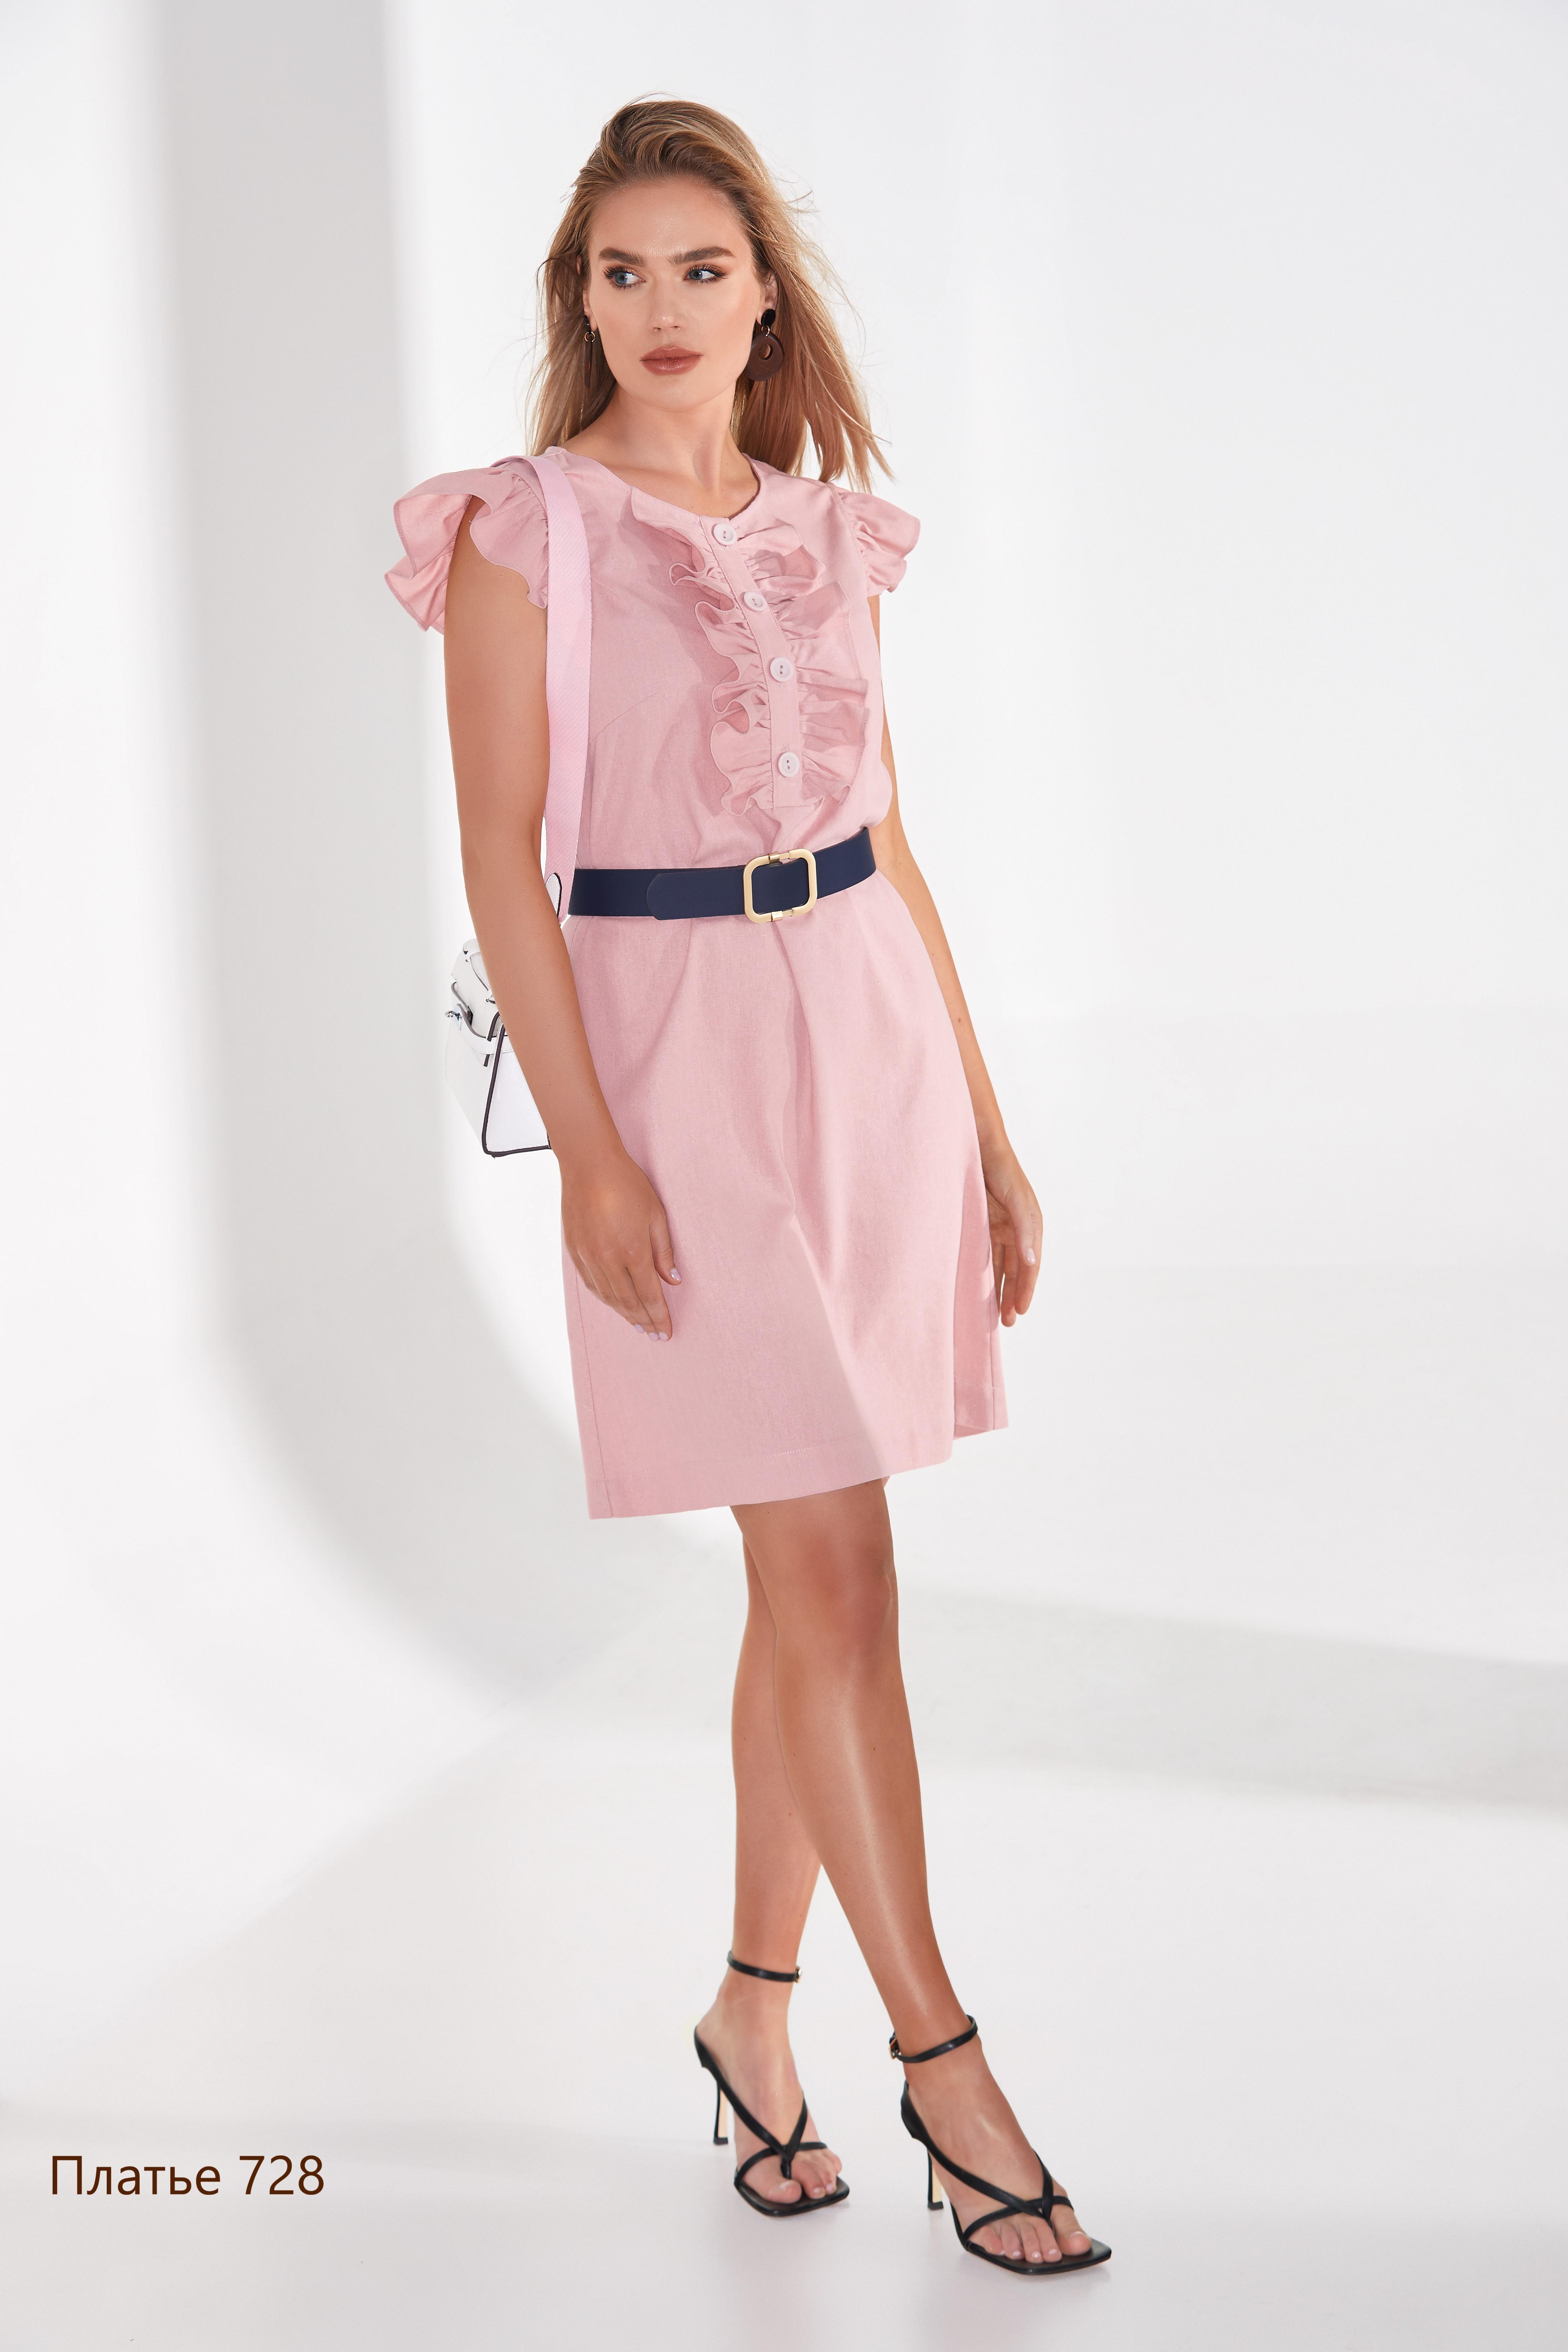 Платье 728 (1)